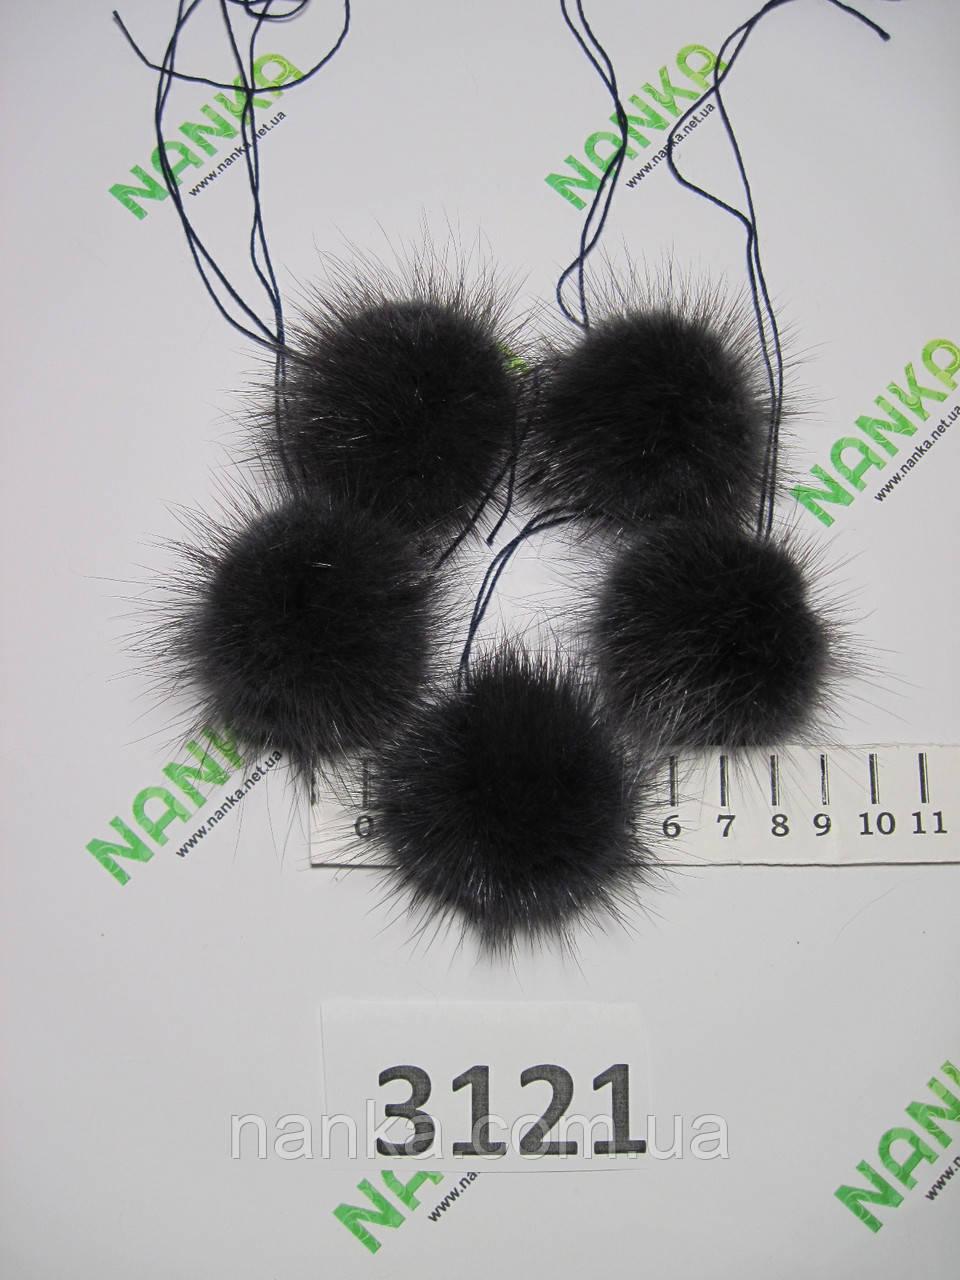 Меховой помпон Норка, Серый Графит, 5 см, (5шт) 3121